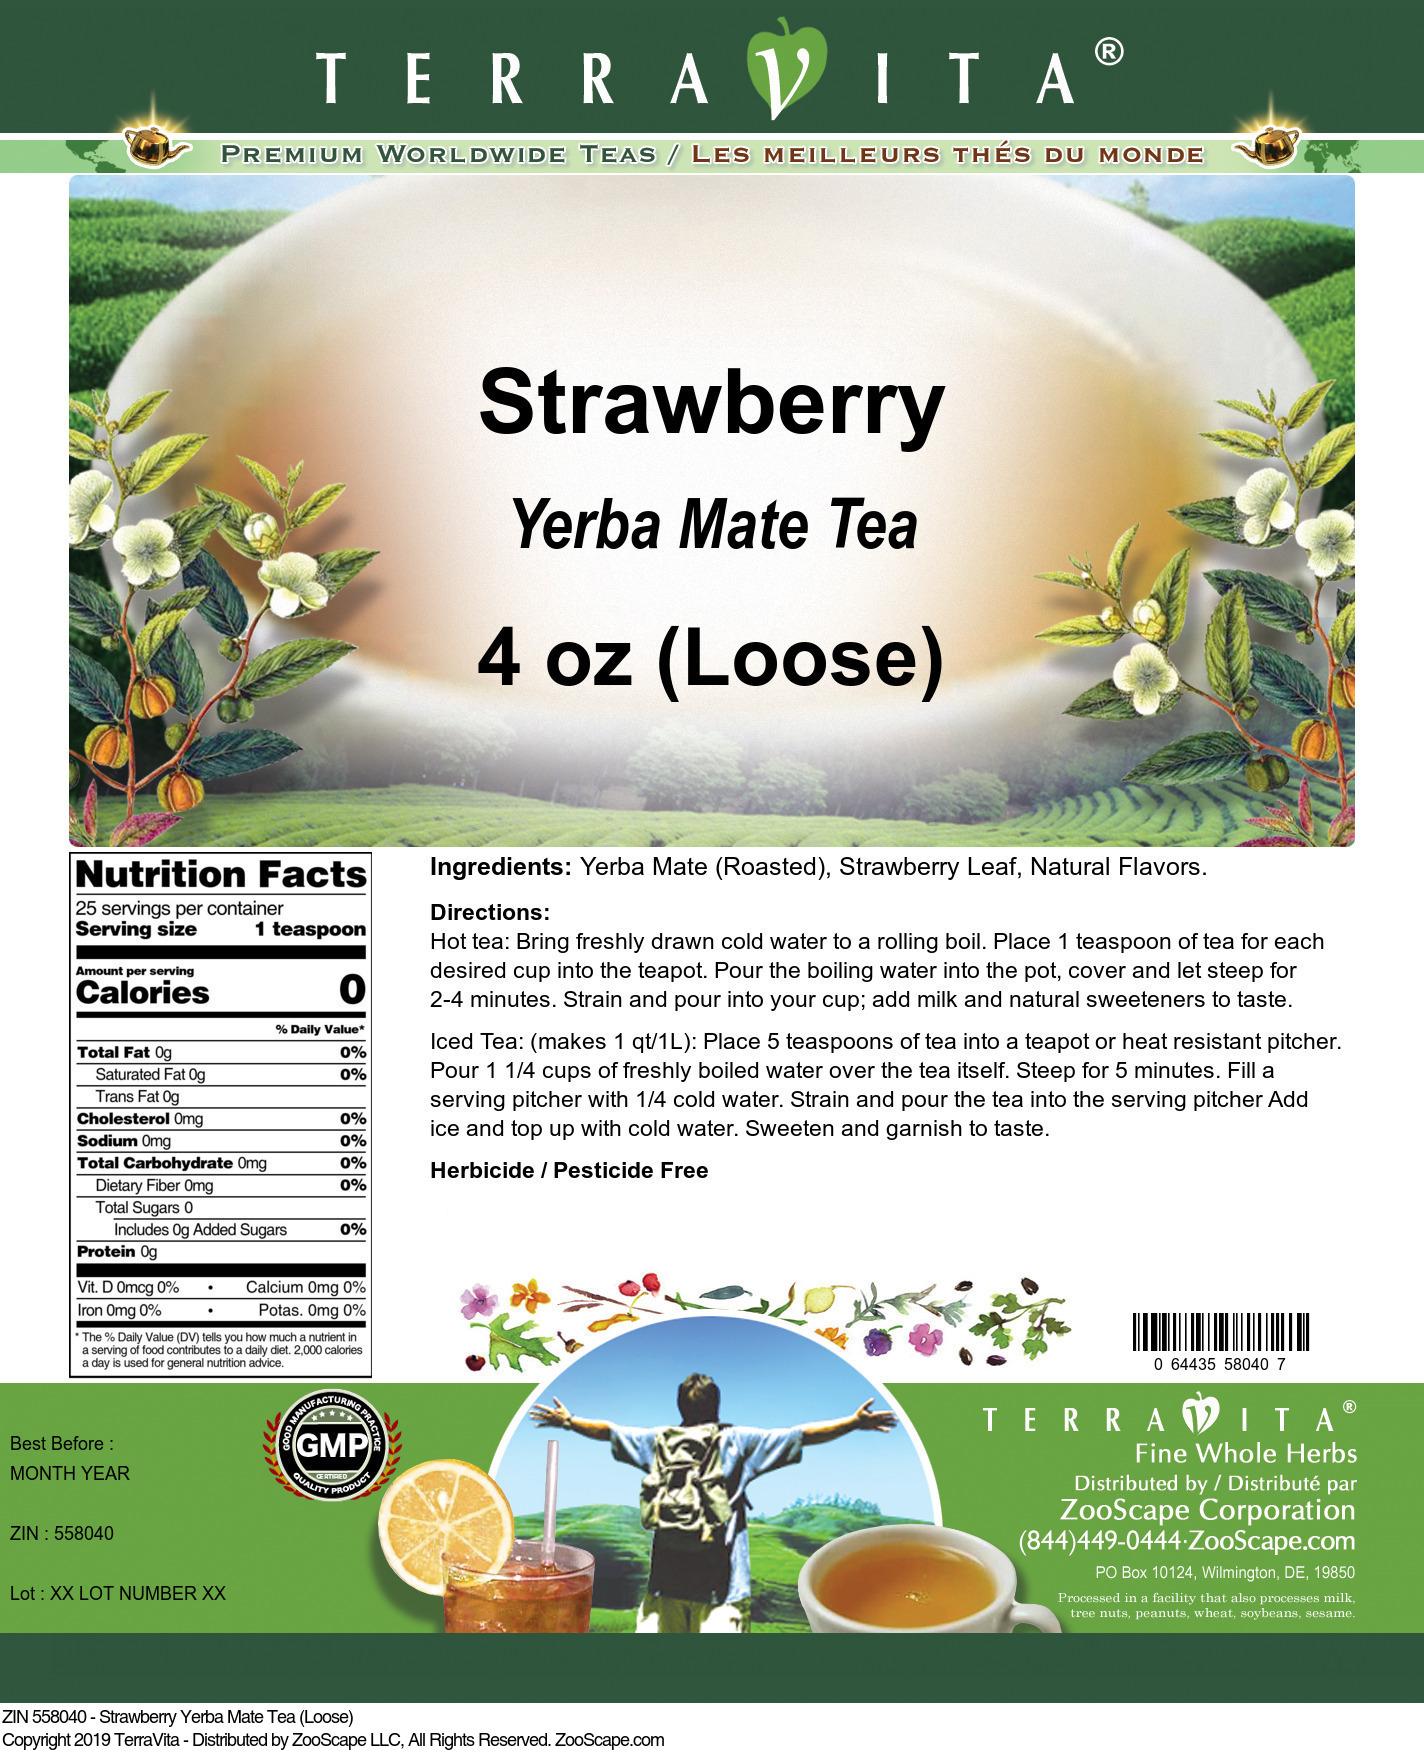 Strawberry Yerba Mate